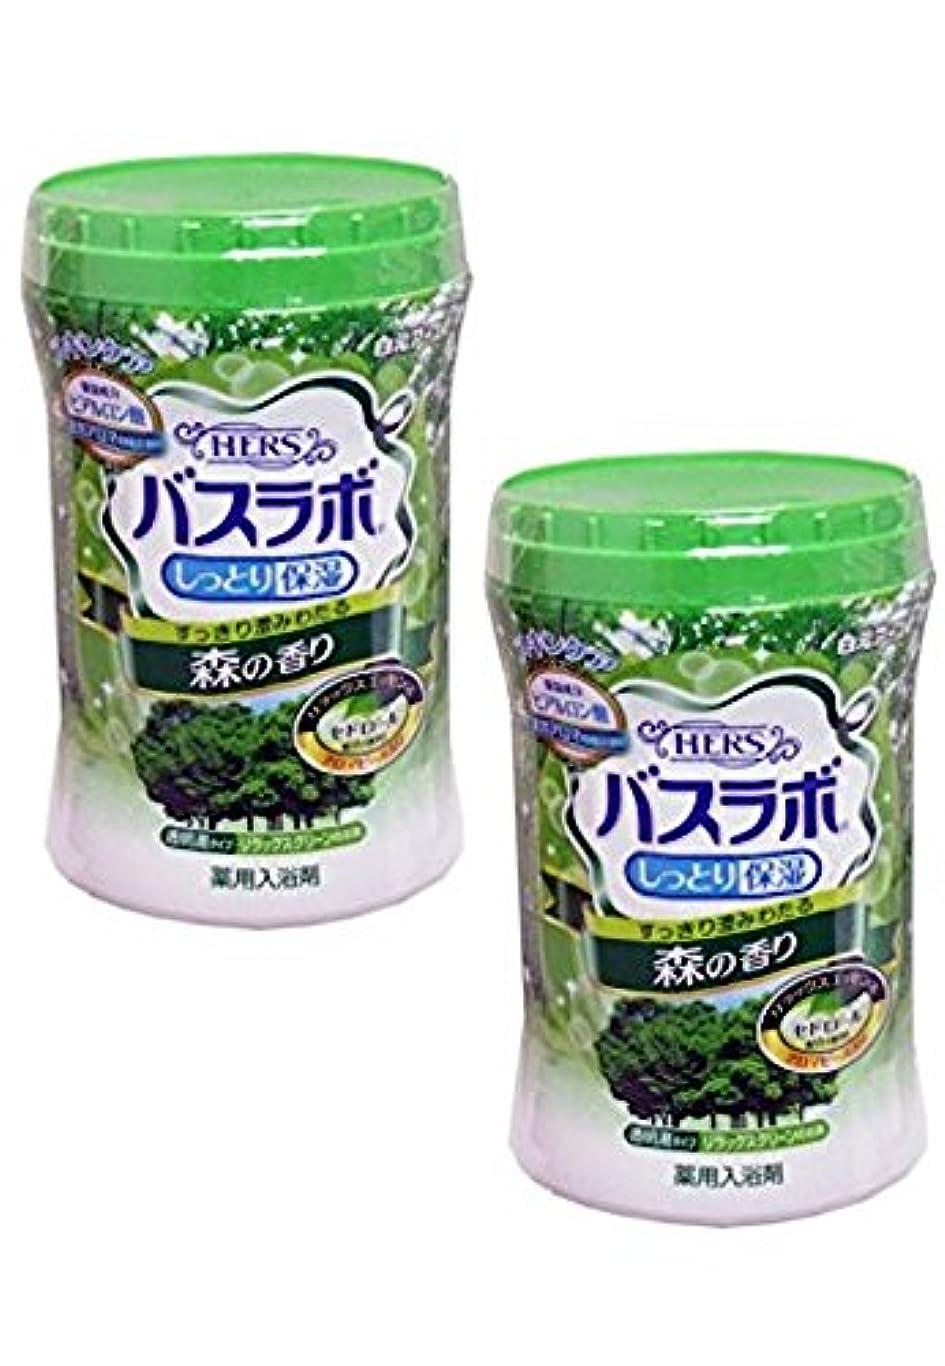 マウントバンク引退する有毒バスラボ しっとり保湿 薬用入浴剤 森の香り 680g 2個